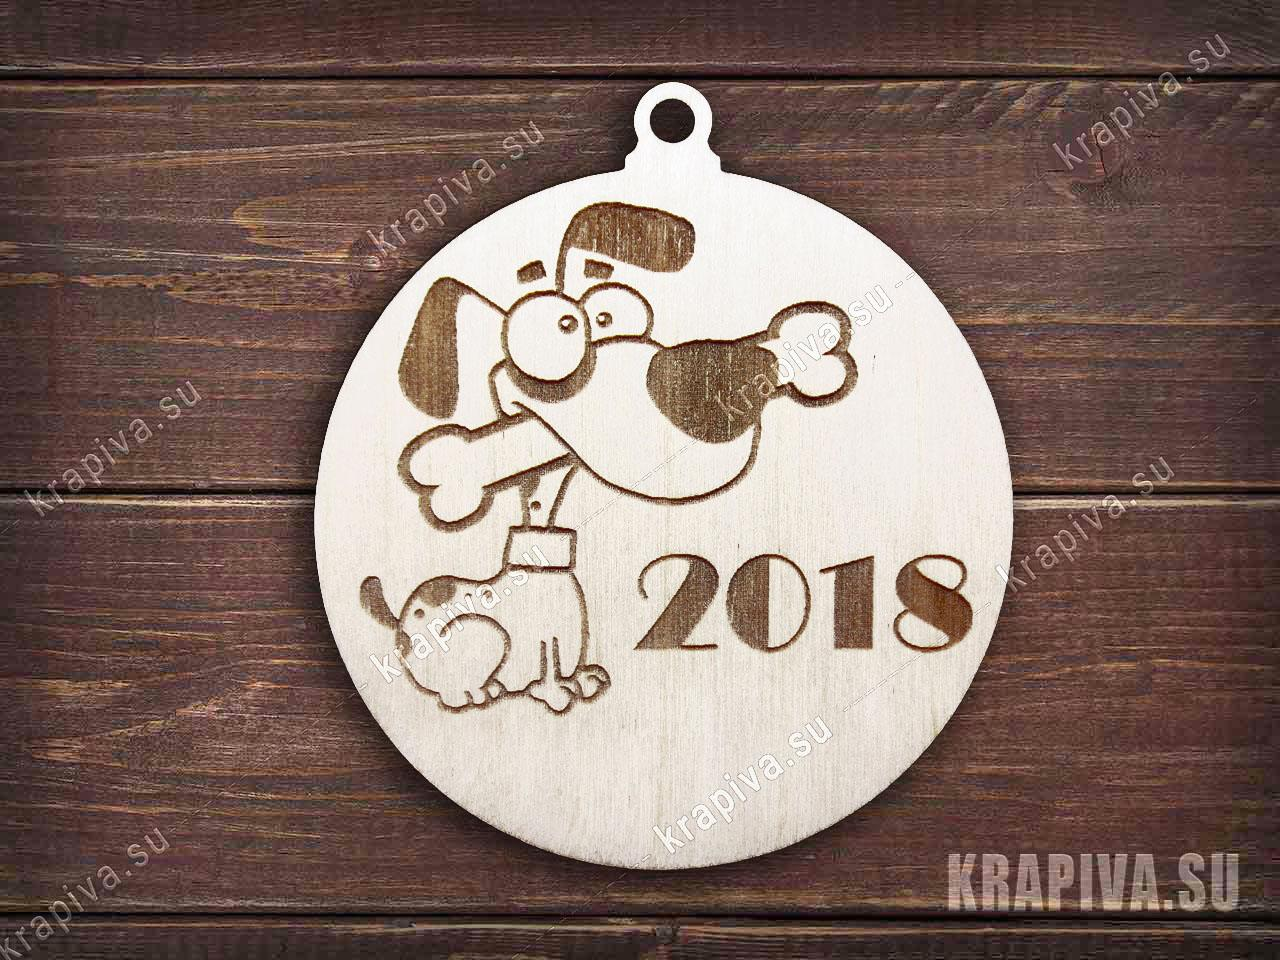 Заготовка елочной игрушки шар с собакой №7 за 60 руб. в магазине Крапива (krapiva.su) (фото)